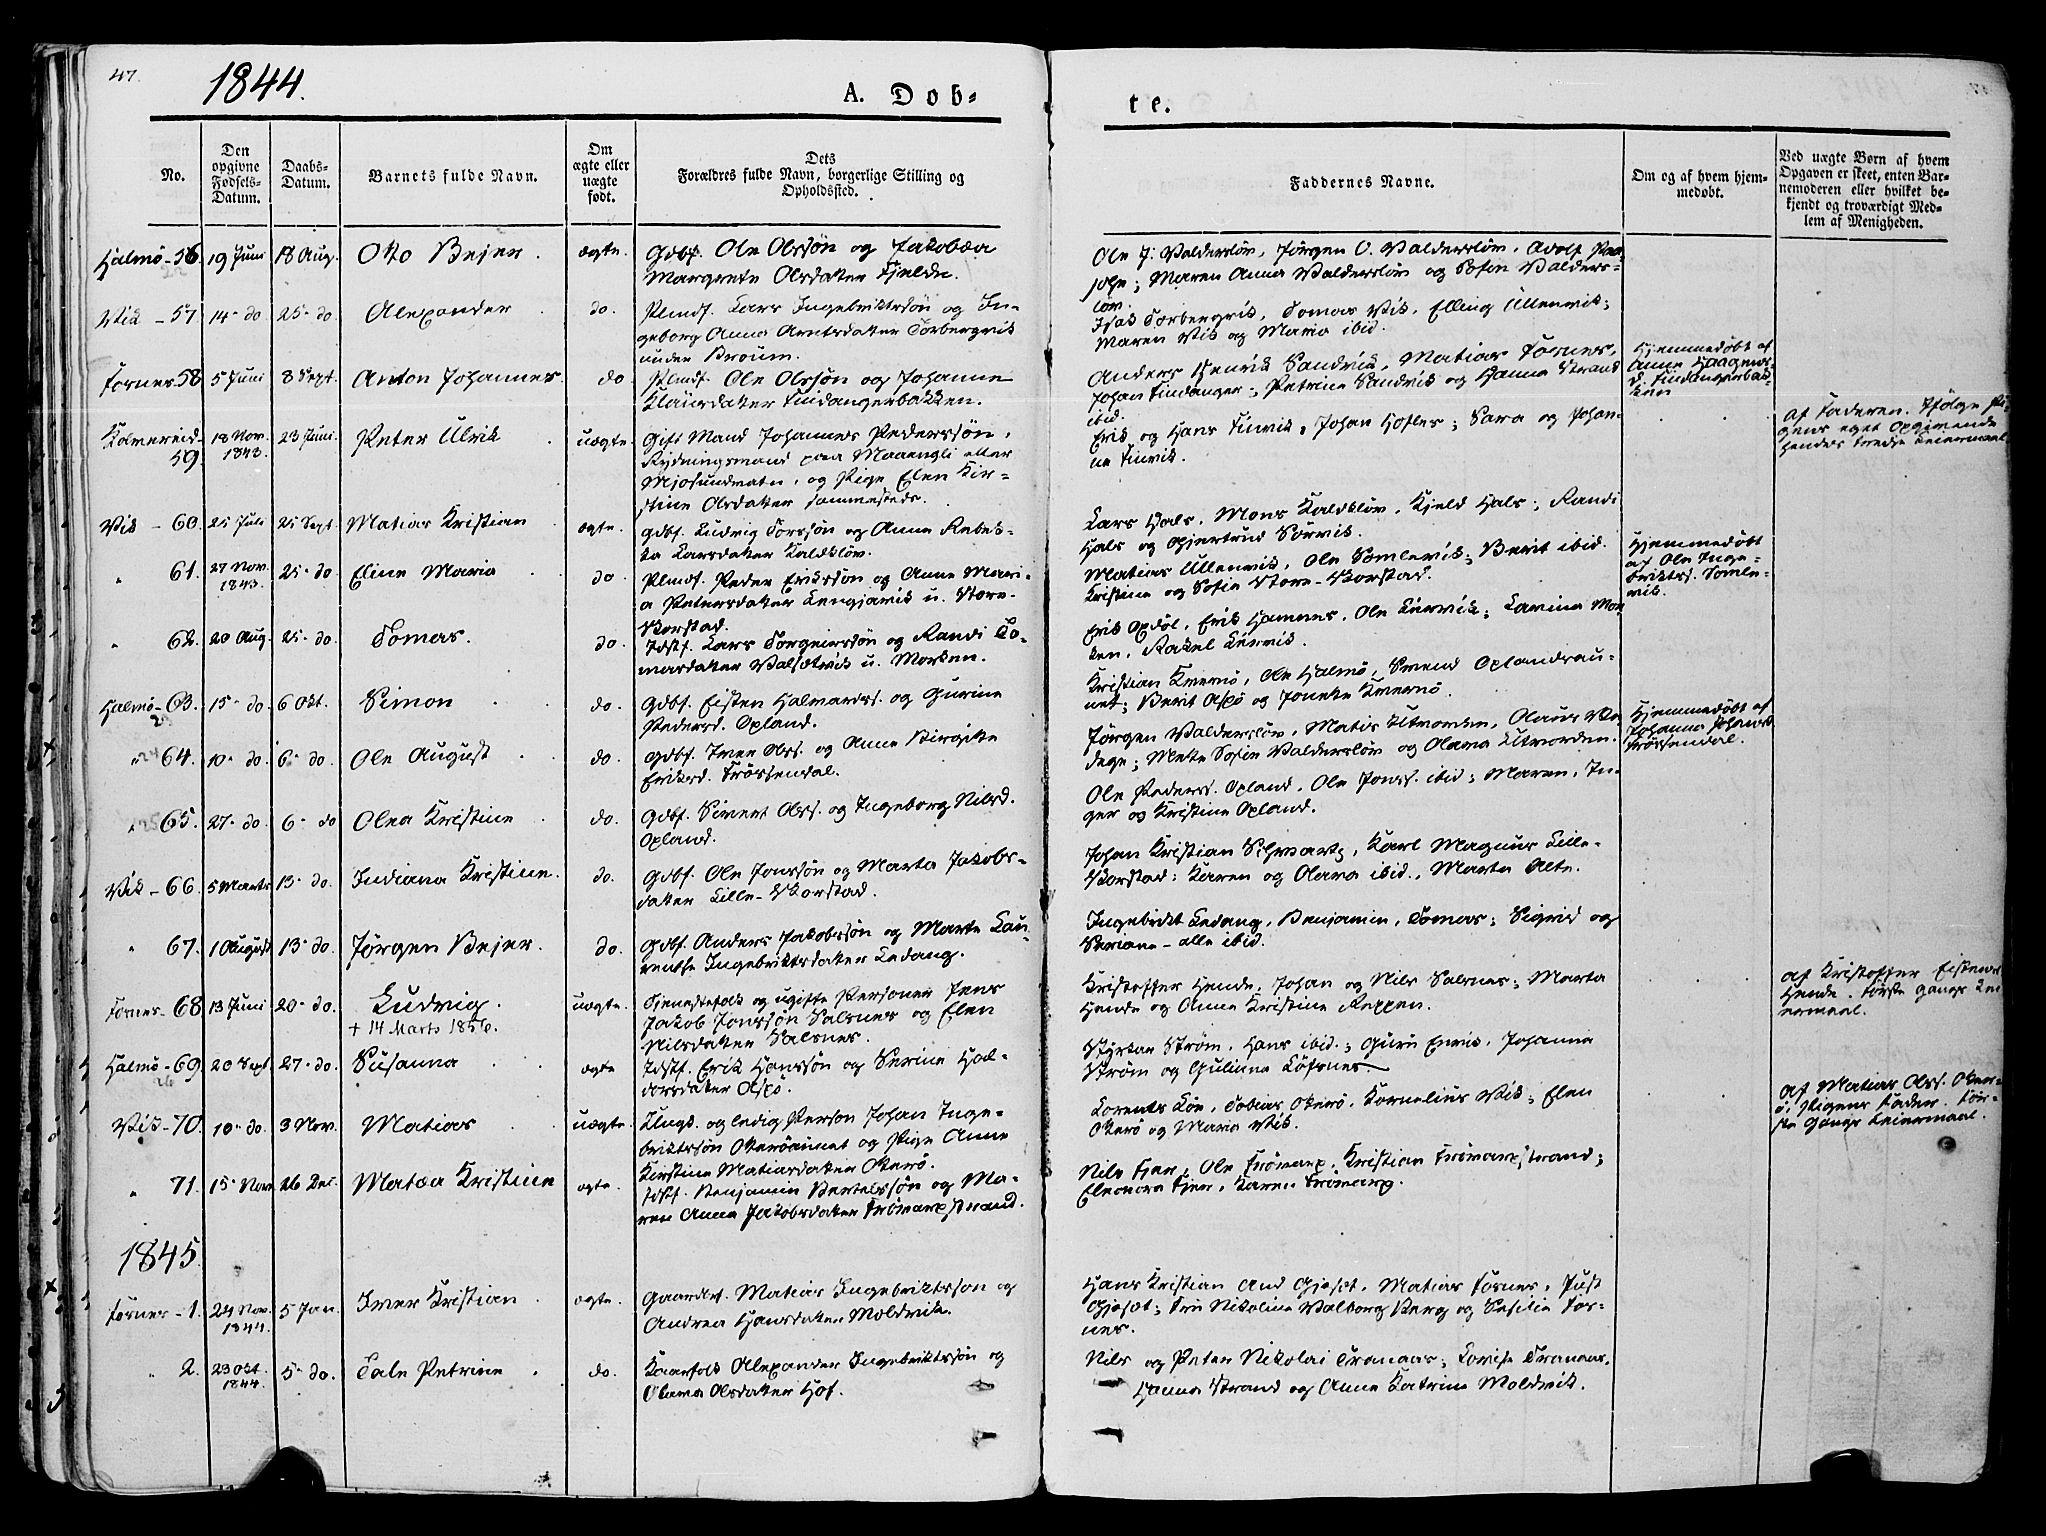 SAT, Ministerialprotokoller, klokkerbøker og fødselsregistre - Nord-Trøndelag, 773/L0614: Ministerialbok nr. 773A05, 1831-1856, s. 47